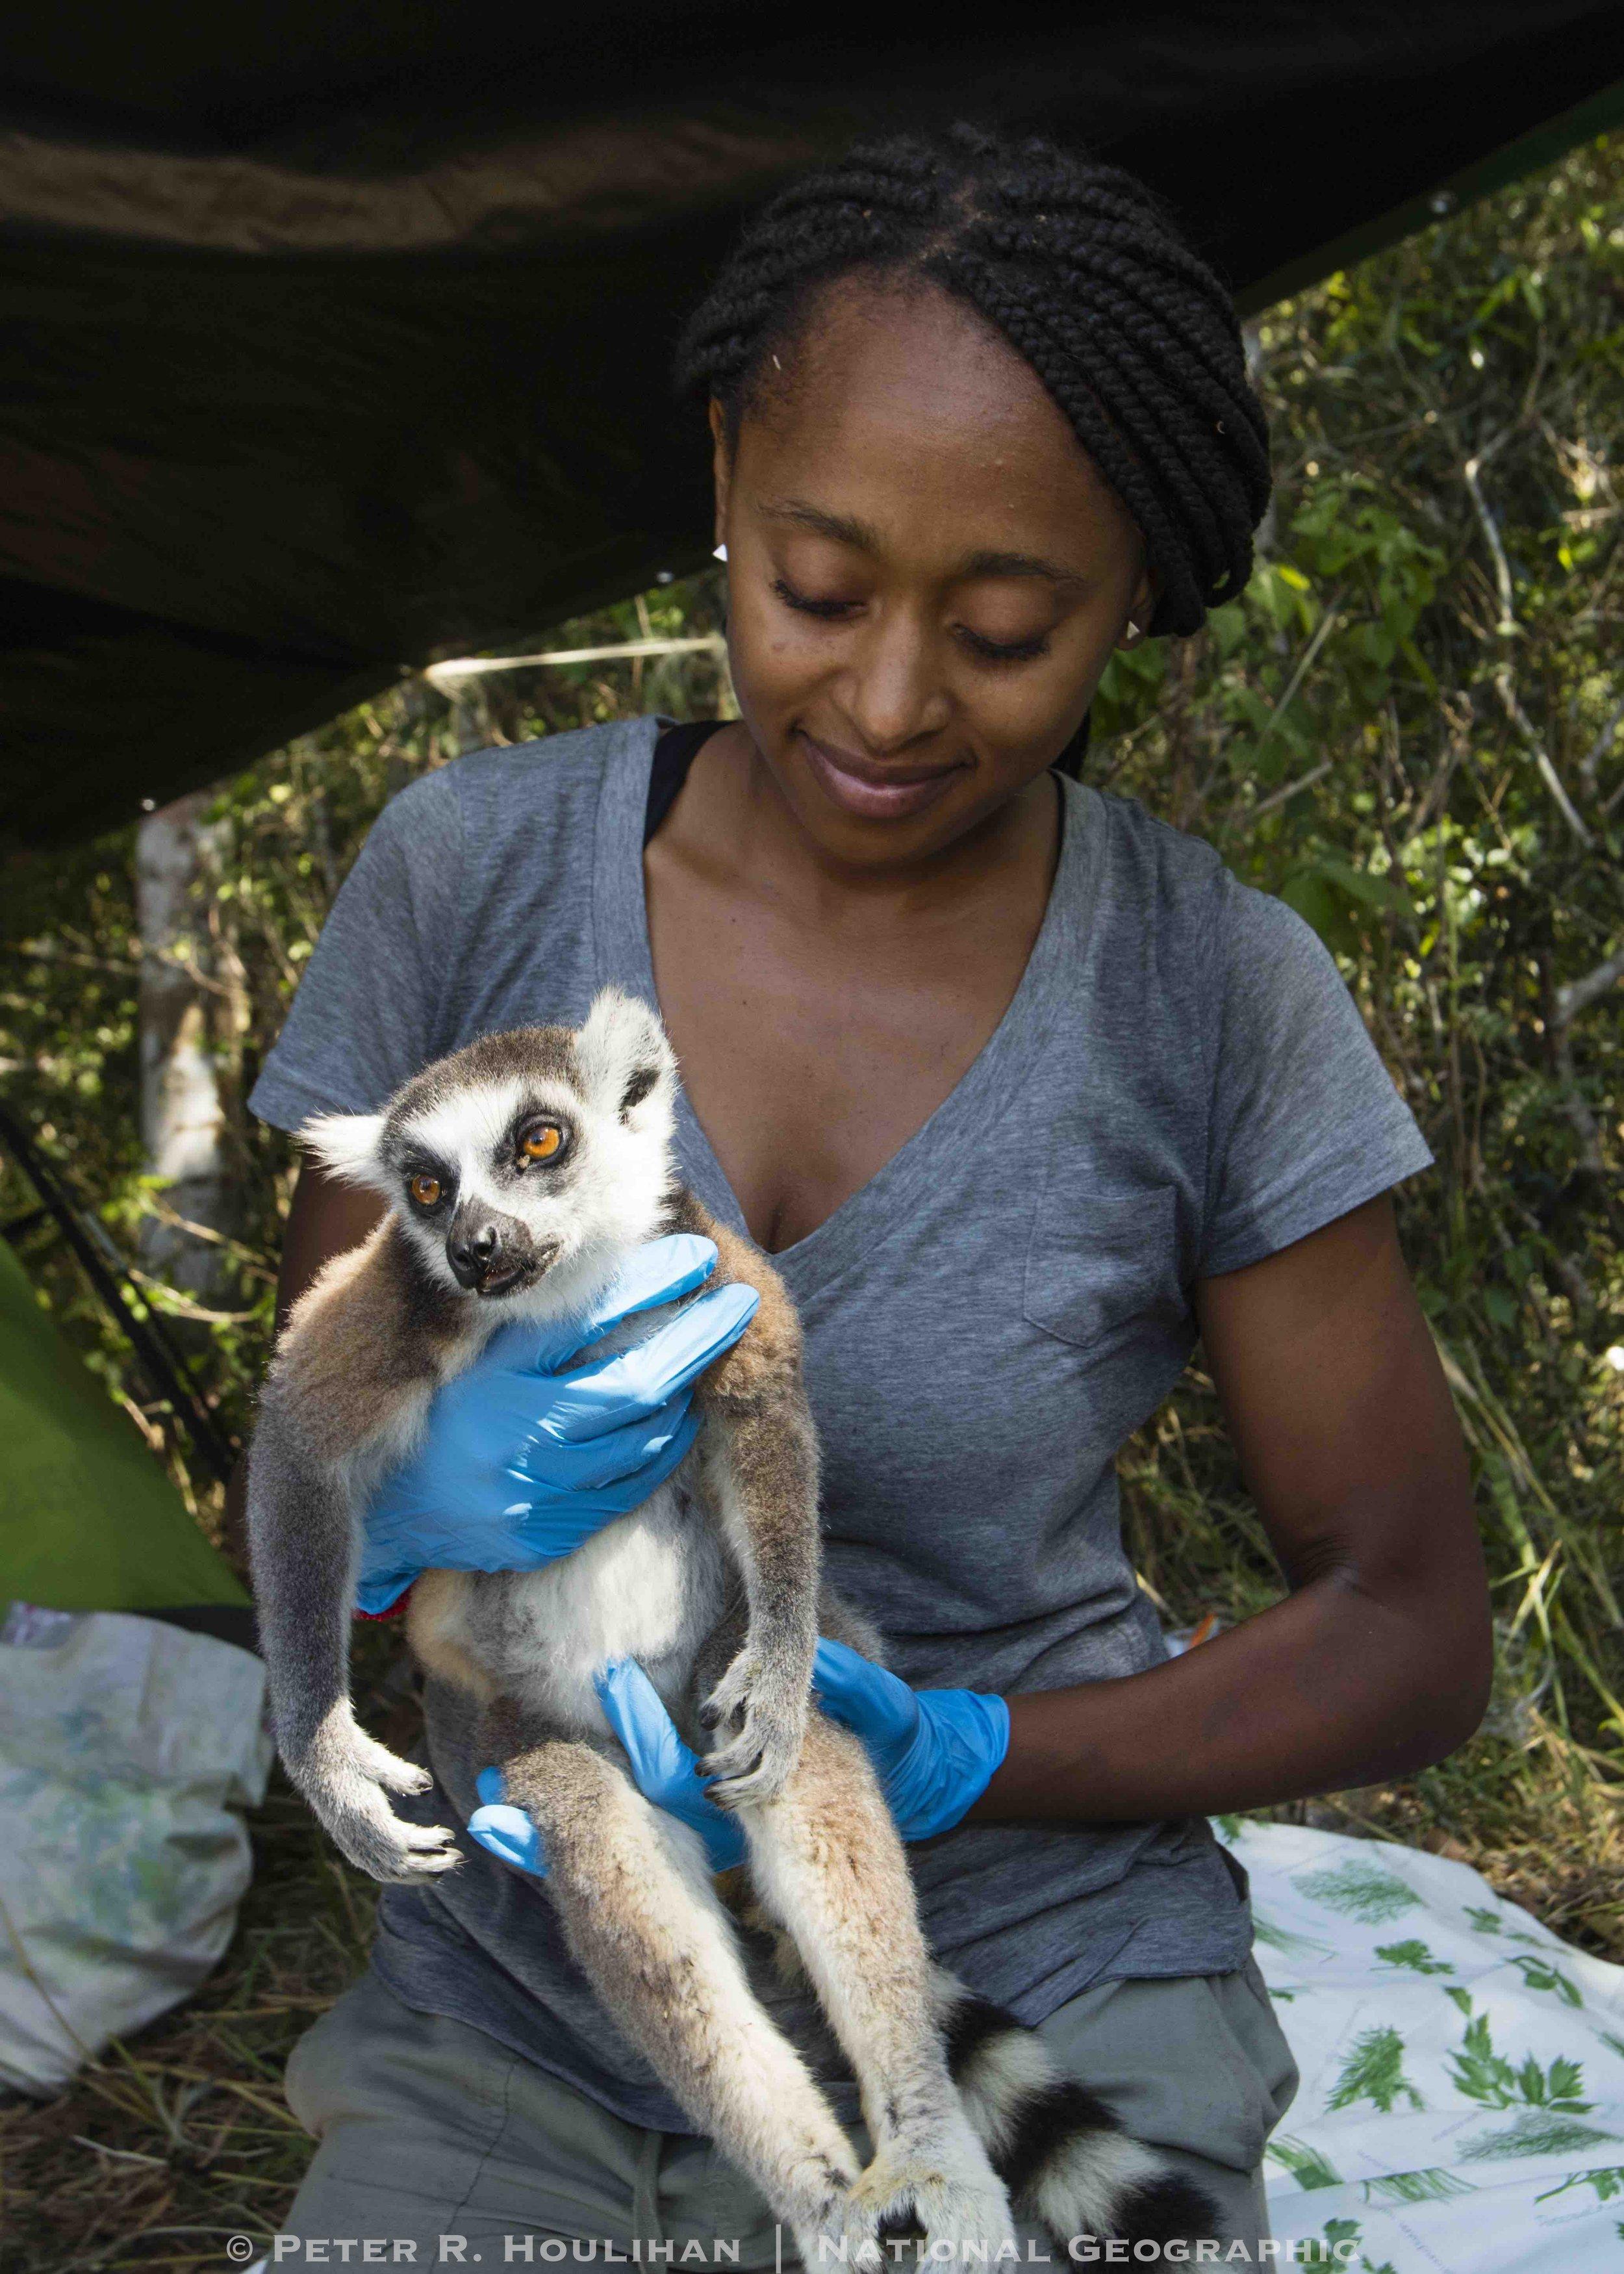 Behavior and Ecology of Ring-tailed lemurs - Ivohibory Forest, Madagascar